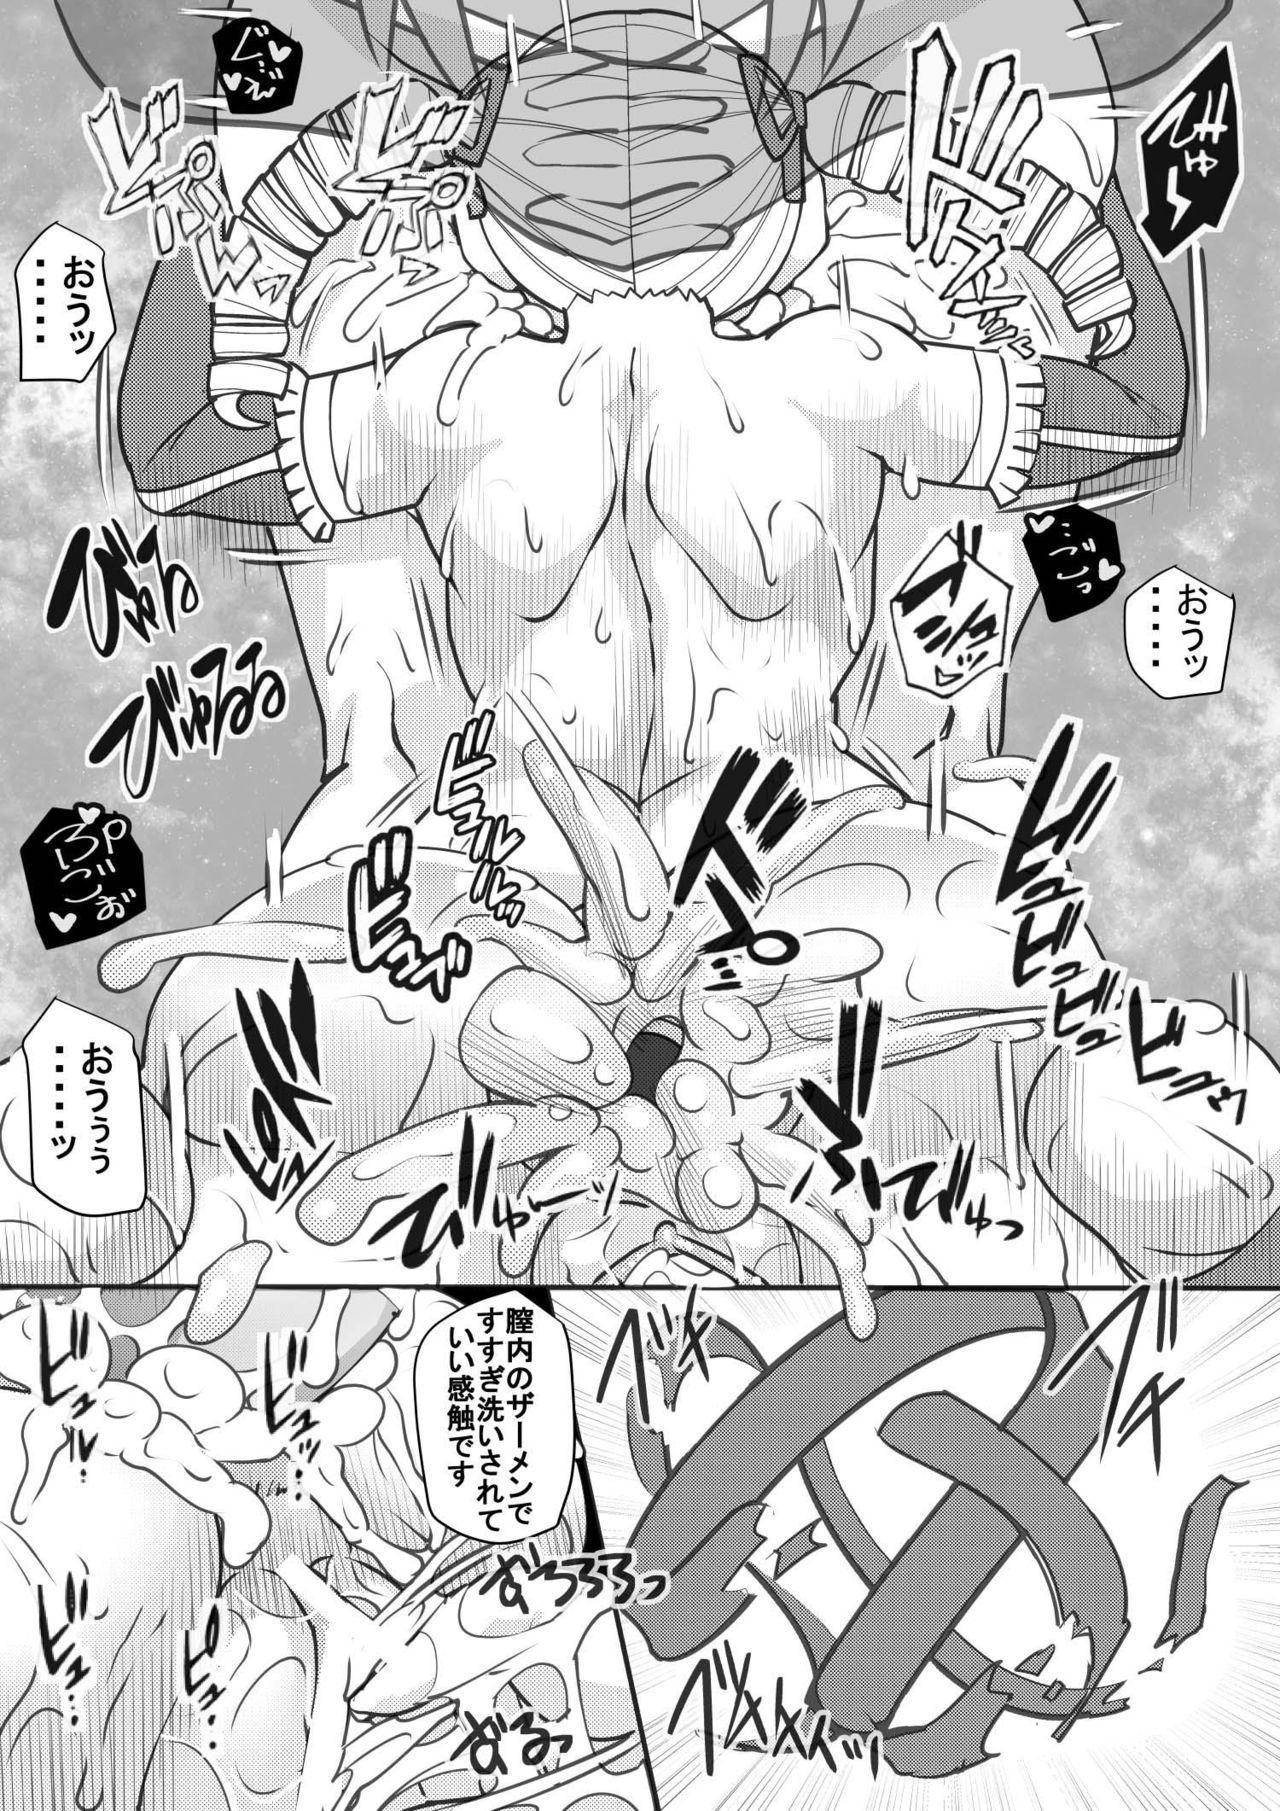 Uchi no Joseito Zenin Haramaseta Kedamono ga Anta no Gakuen ni Iku Rashii yo? 27 19